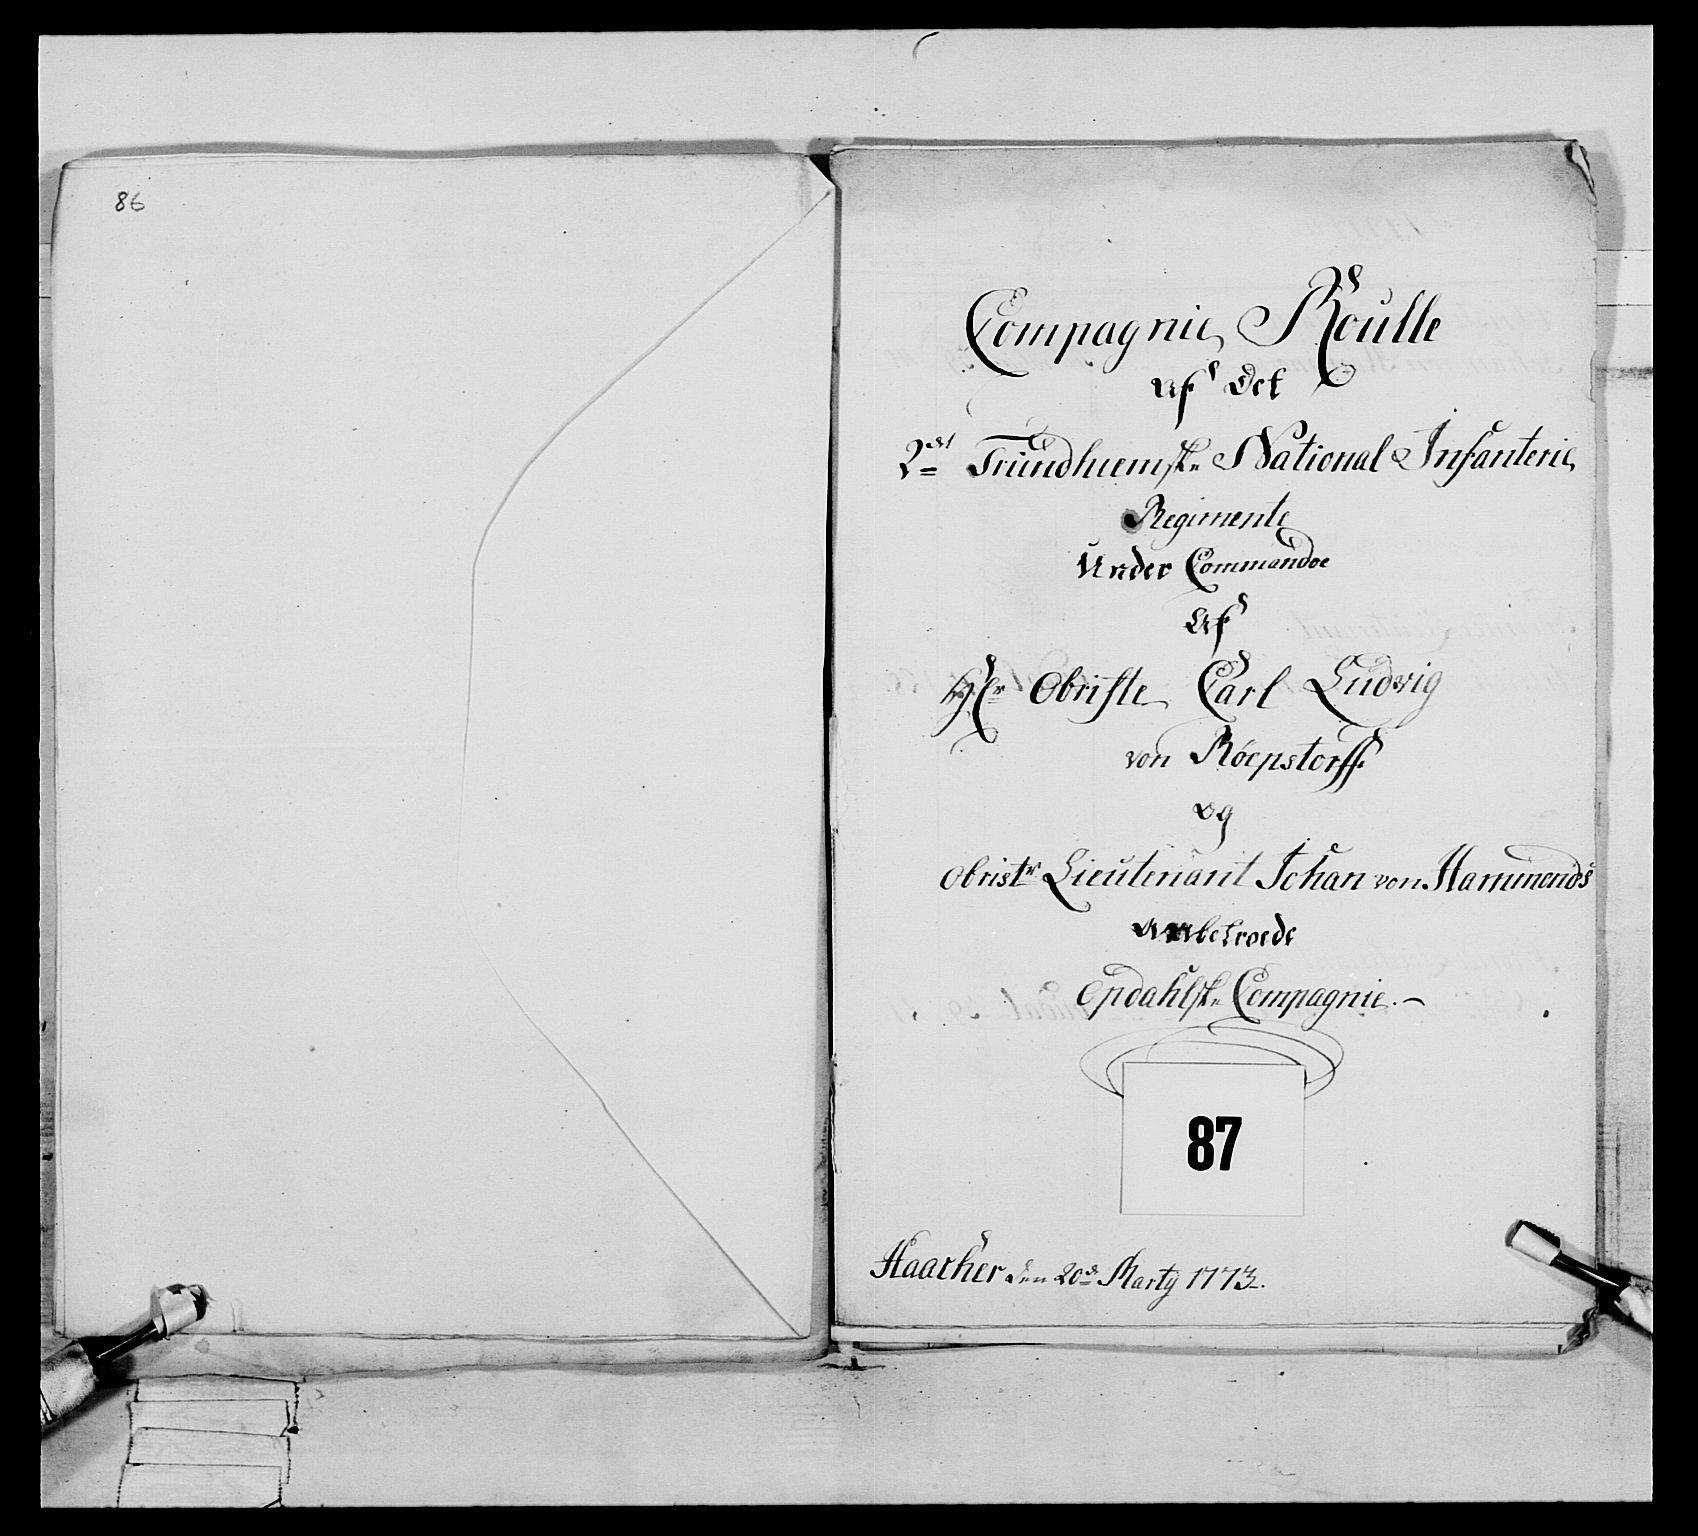 RA, Generalitets- og kommissariatskollegiet, Det kongelige norske kommissariatskollegium, E/Eh/L0076: 2. Trondheimske nasjonale infanteriregiment, 1766-1773, s. 494